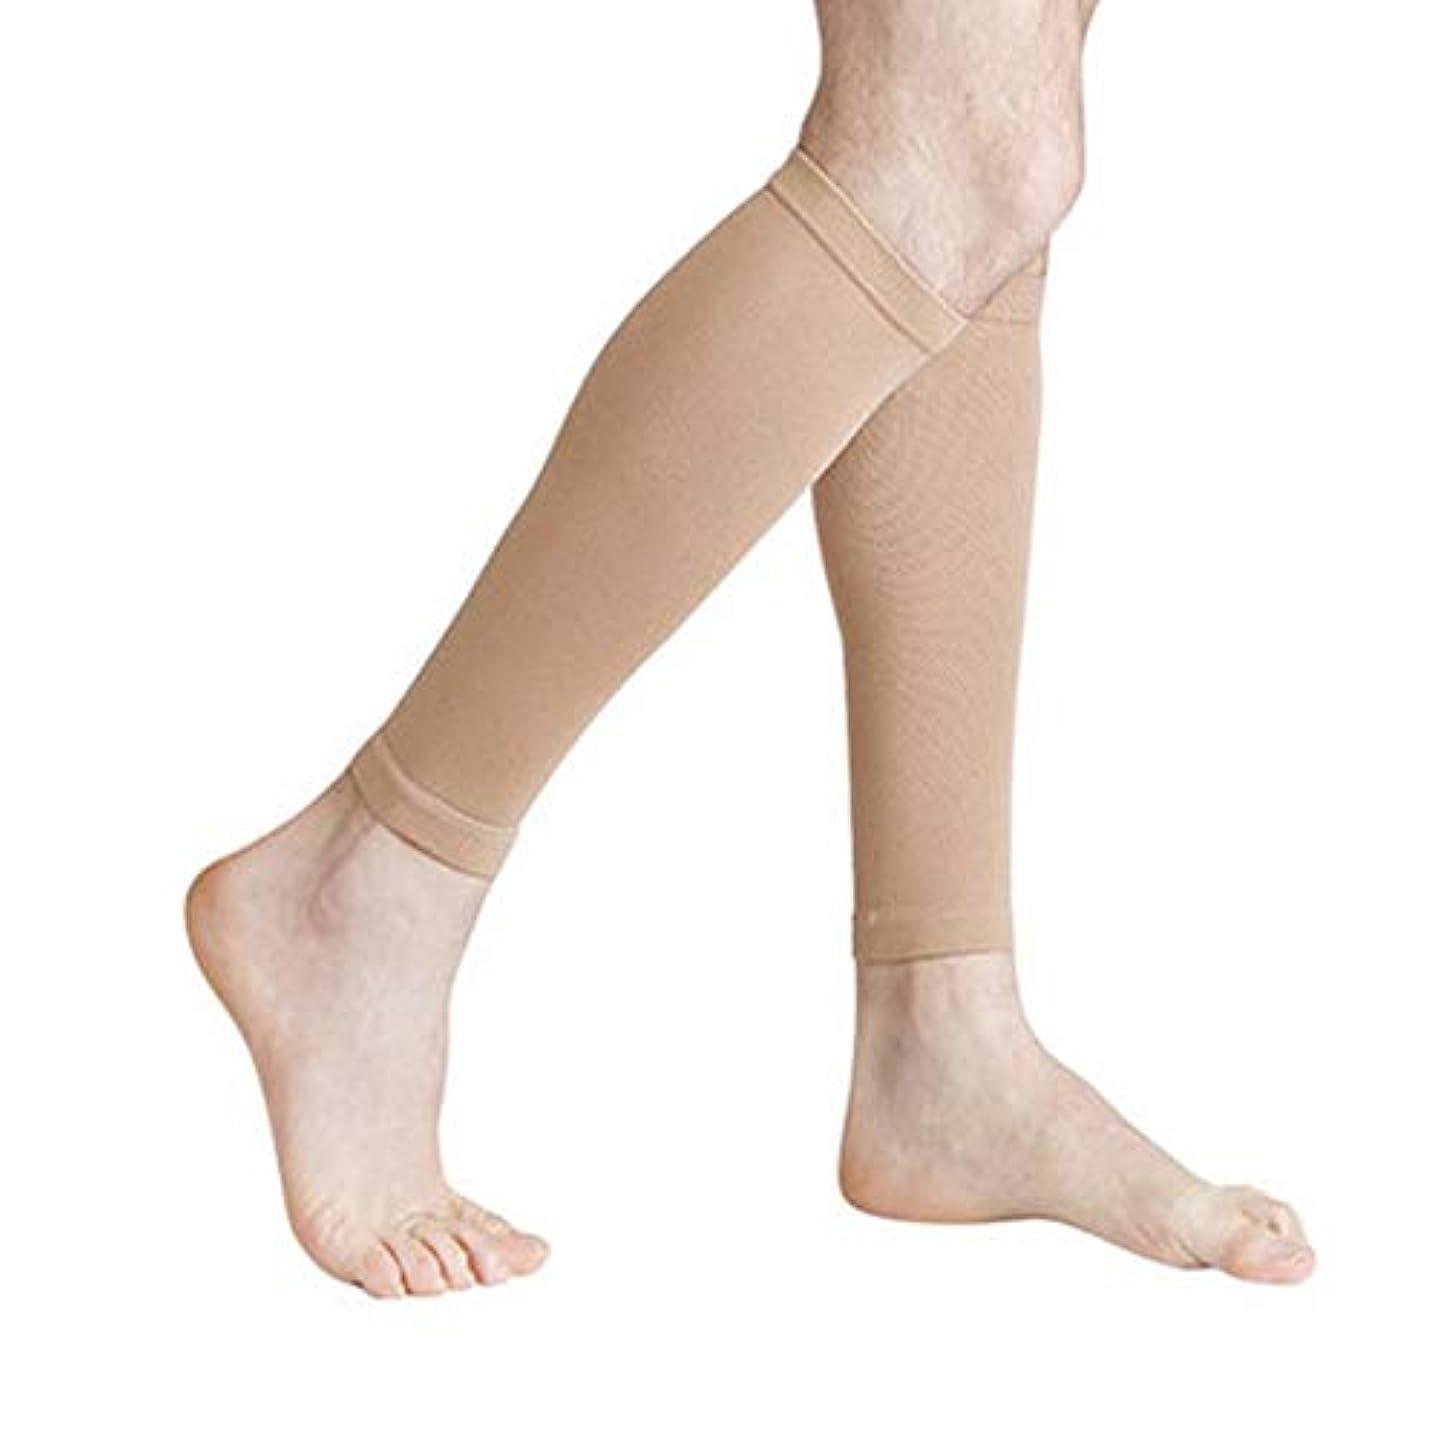 レモン進化出くわす丈夫な男性女性プロの圧縮靴下通気性のある旅行活動看護師用シントスプリントフライトトラベル - 肌色